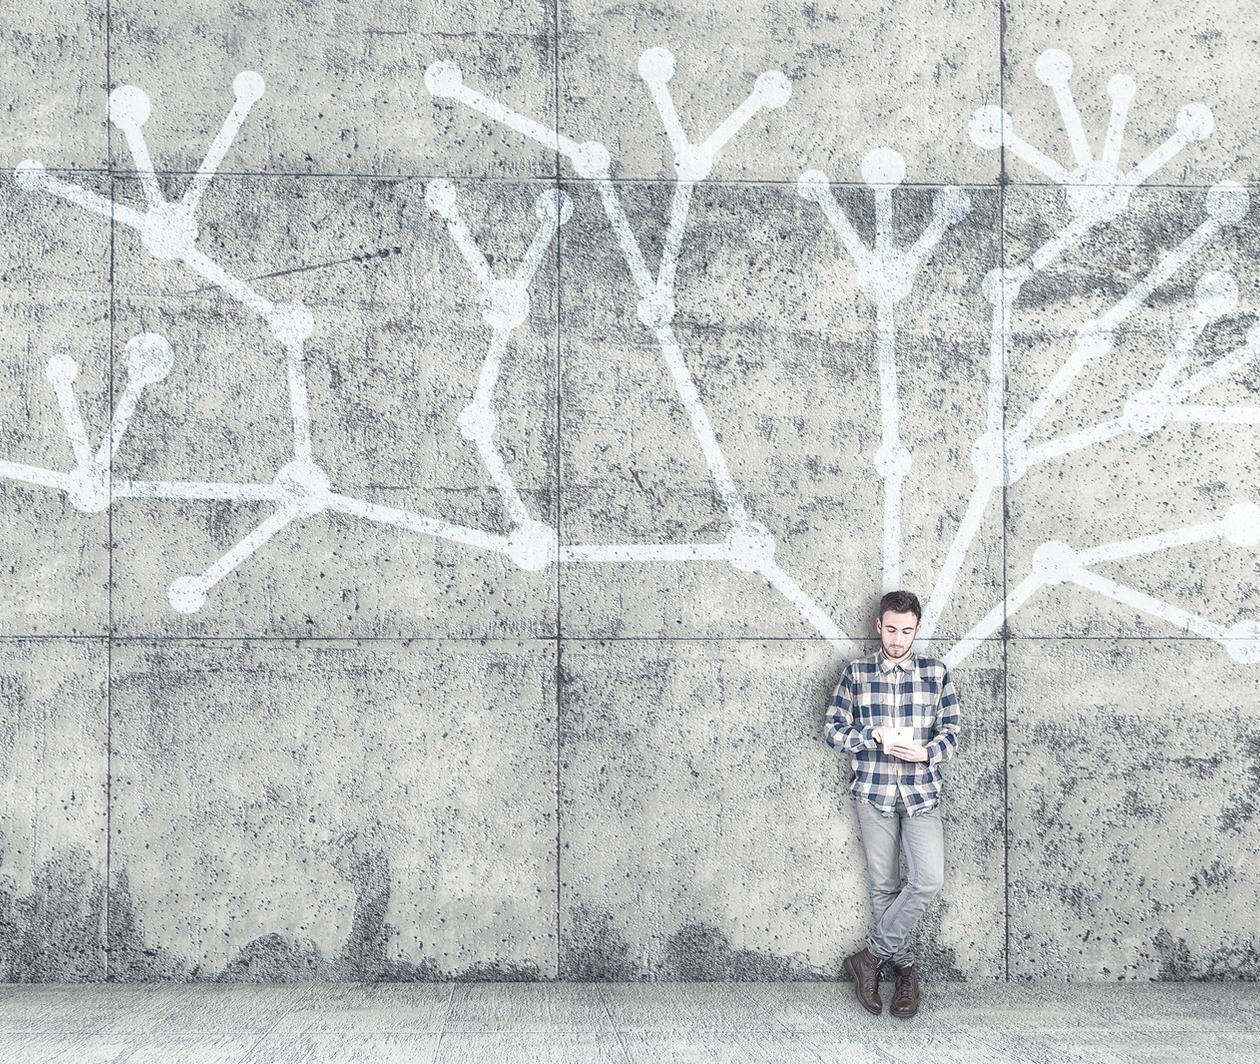 聪明自闭症 - 中文版本: 帮助自闭症人士寻找适合自己的科技产品